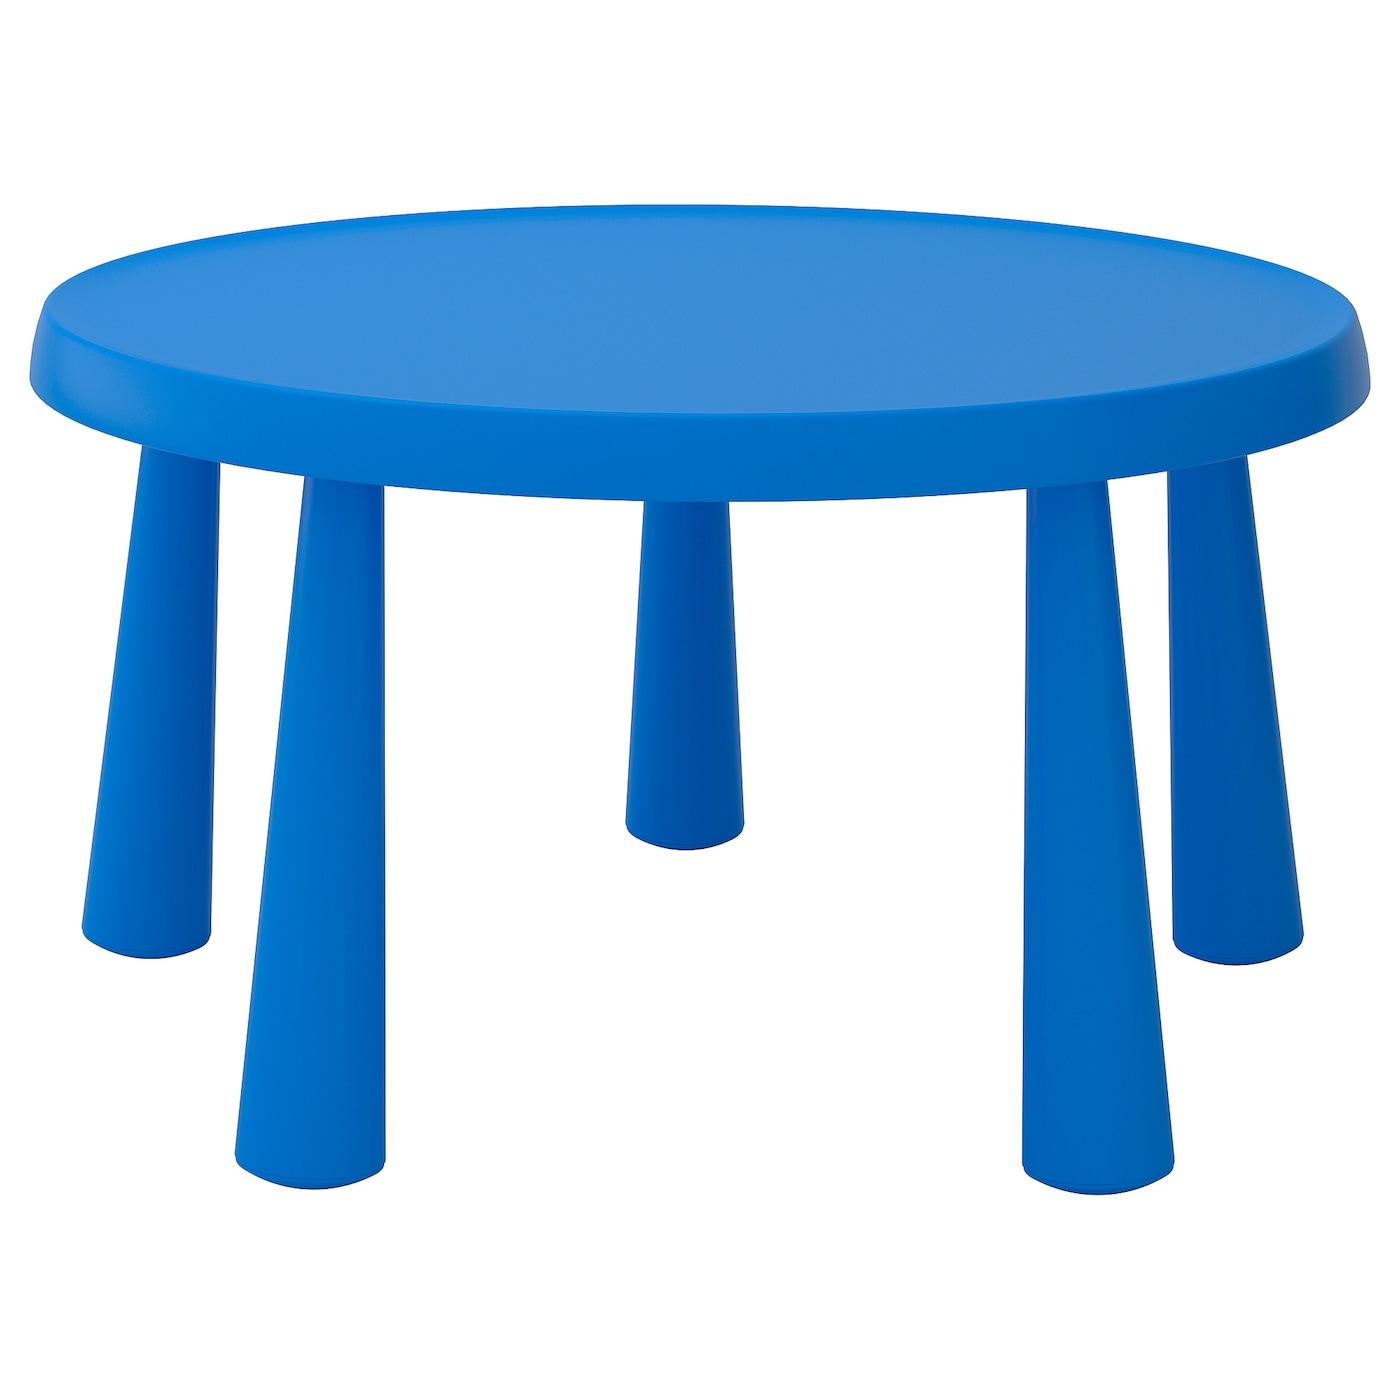 Mammut Children S Table Indoor Outdoor Blue 33 1 2 Ikea